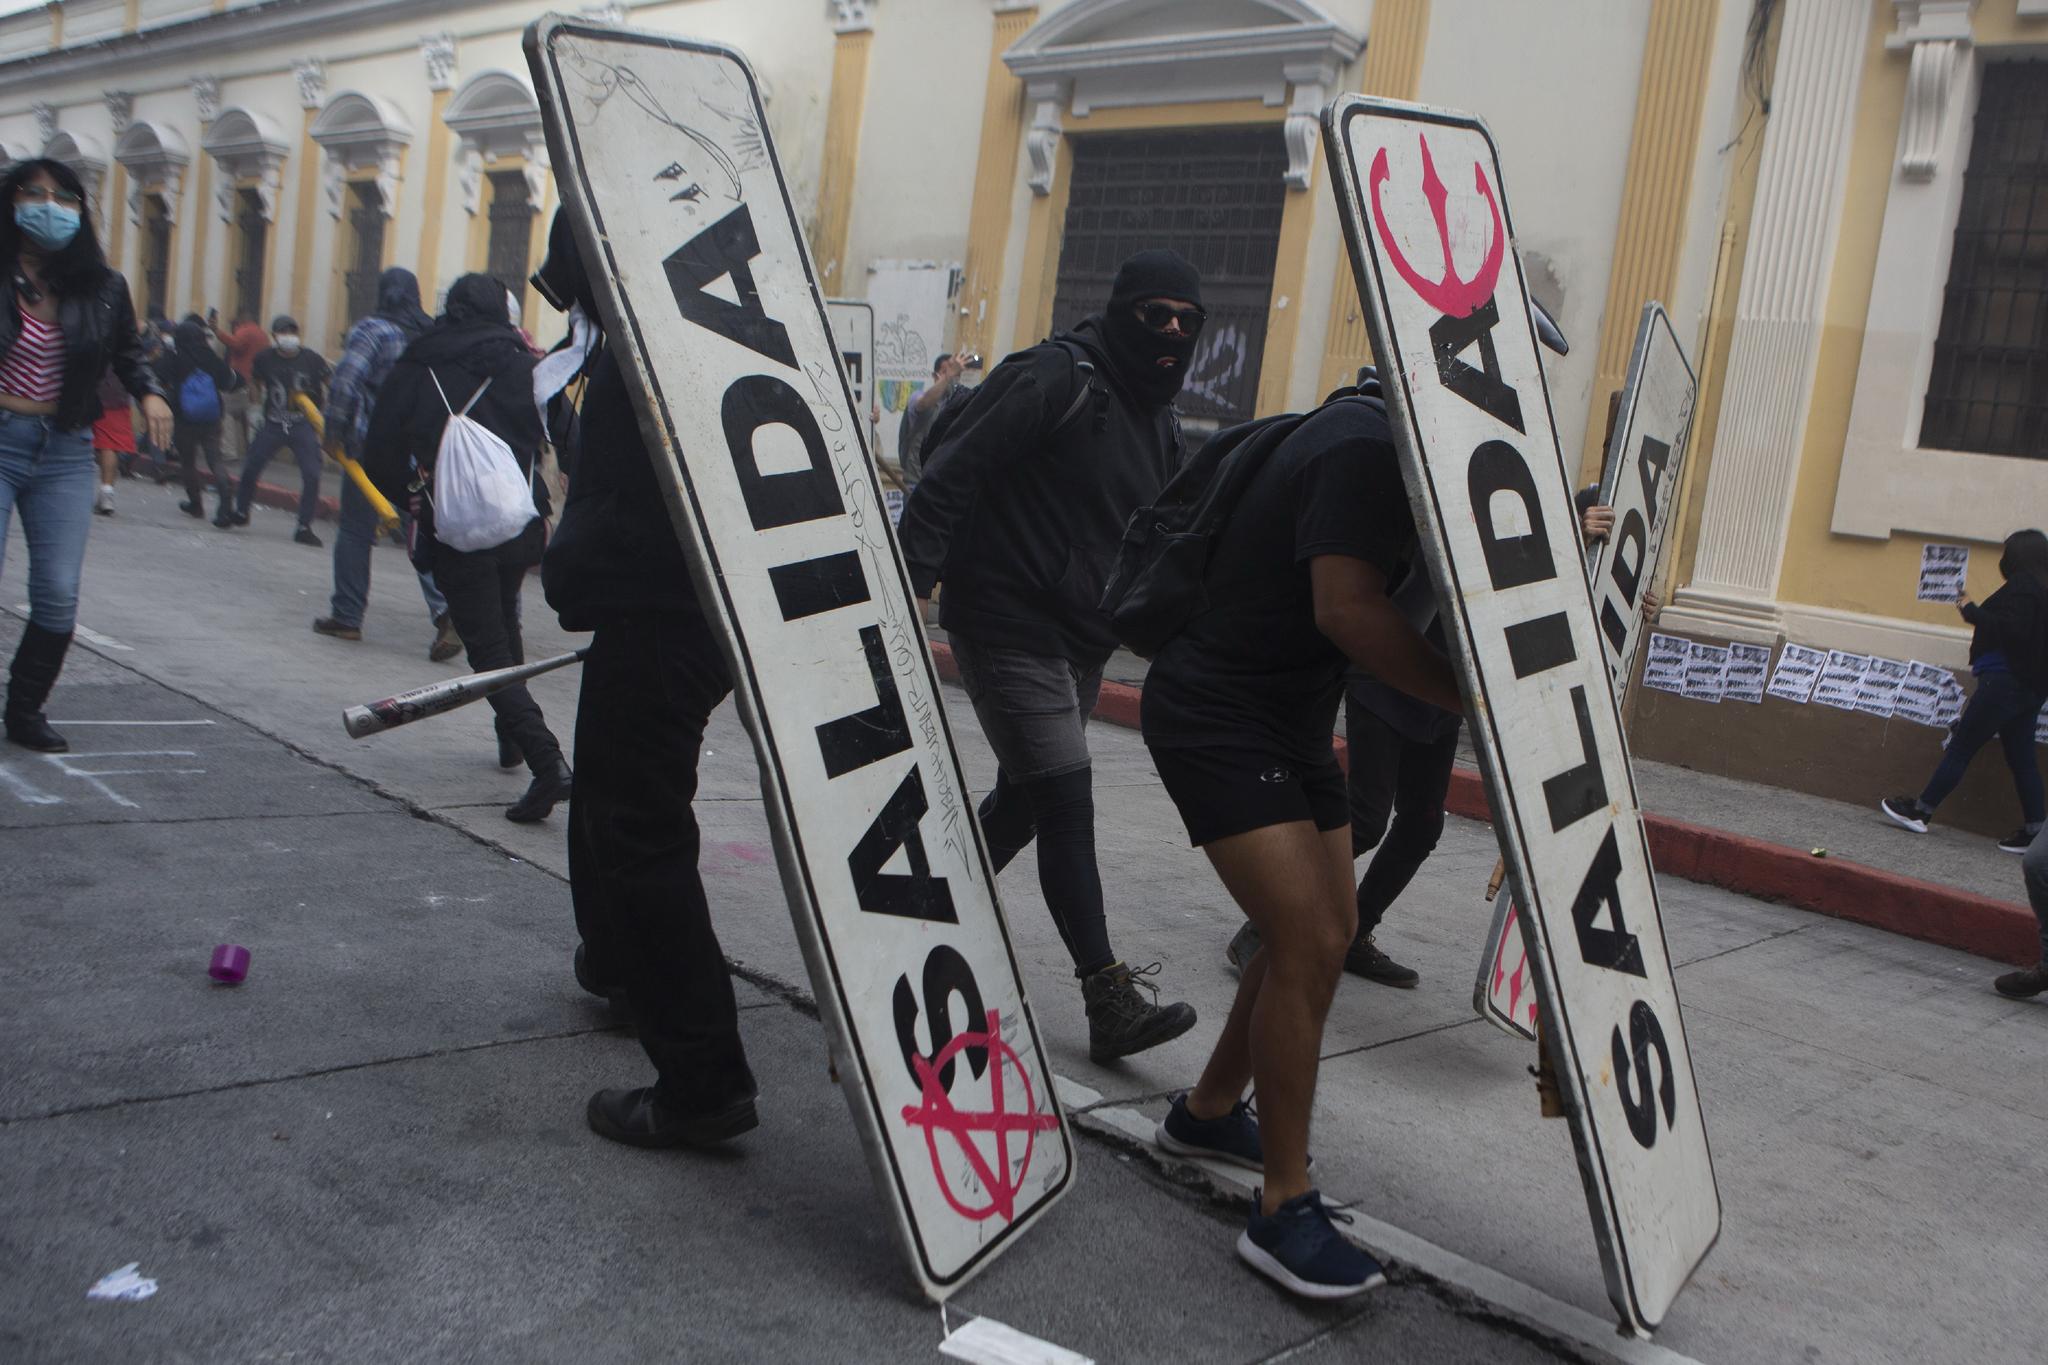 시위대가 '출구'안내판을 방패로 시위를 벌이고있다. AP 통신